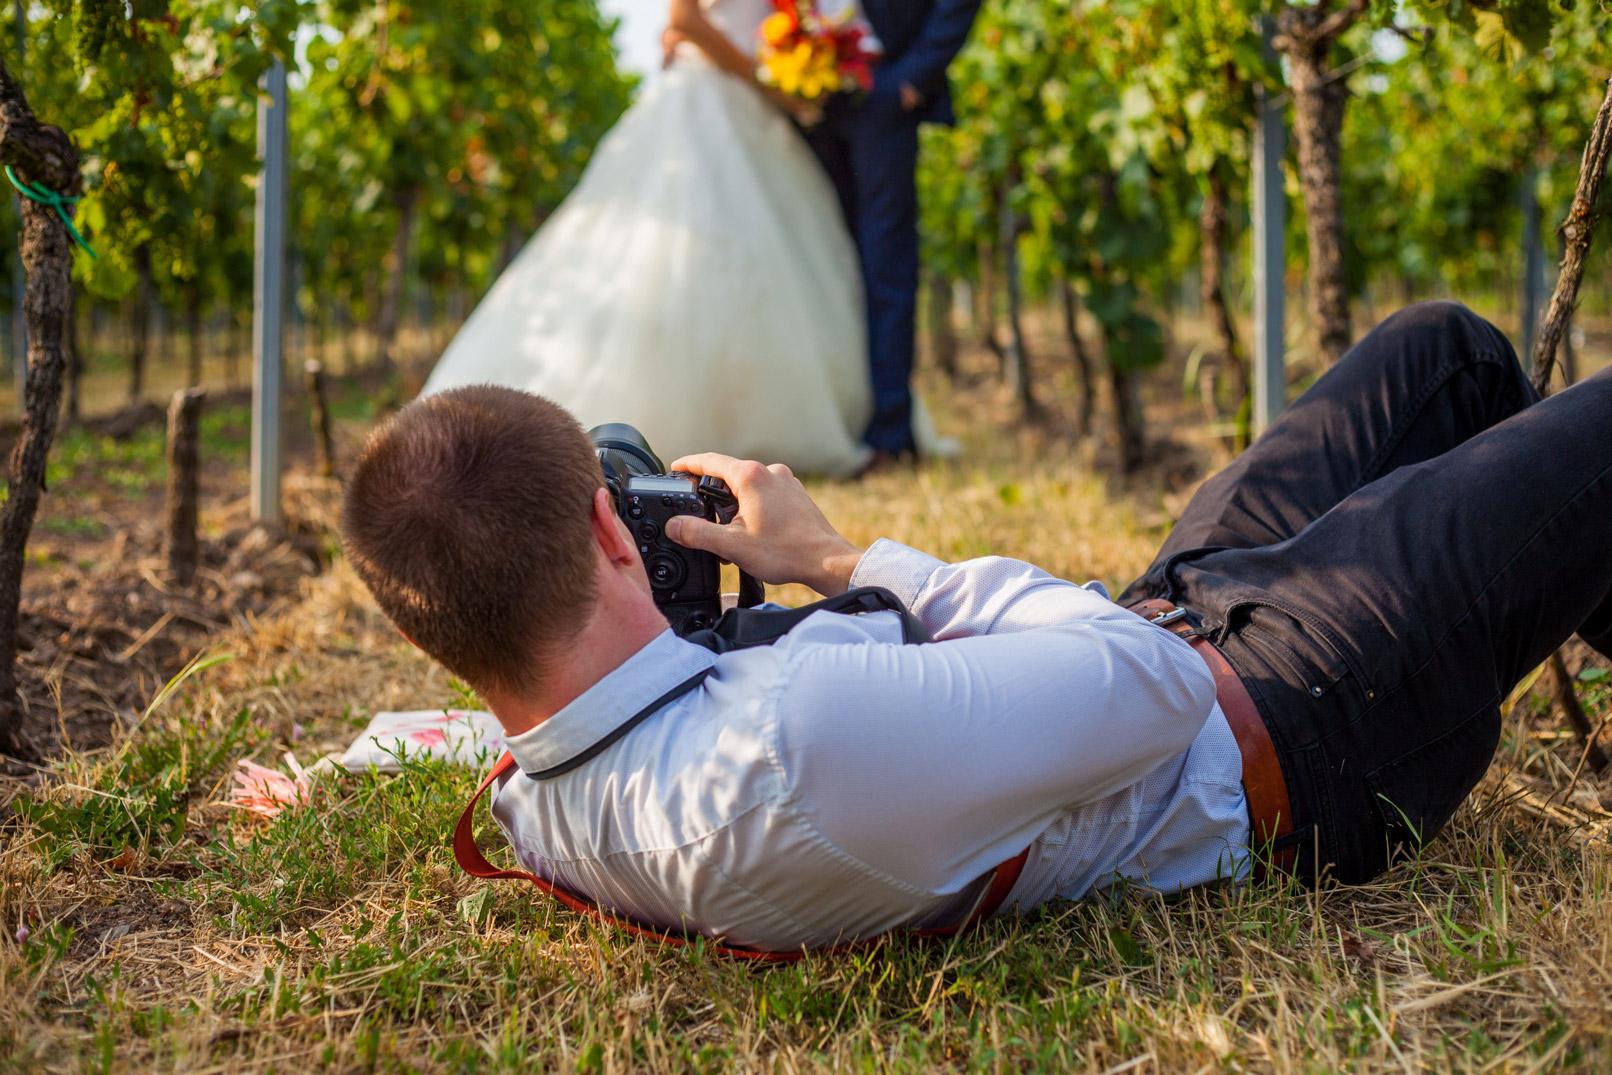 Hochzeitsfotografie: Hochzeitsfotograf auf einer Wiese liegend, um ein Brautpaar zu fotografieren